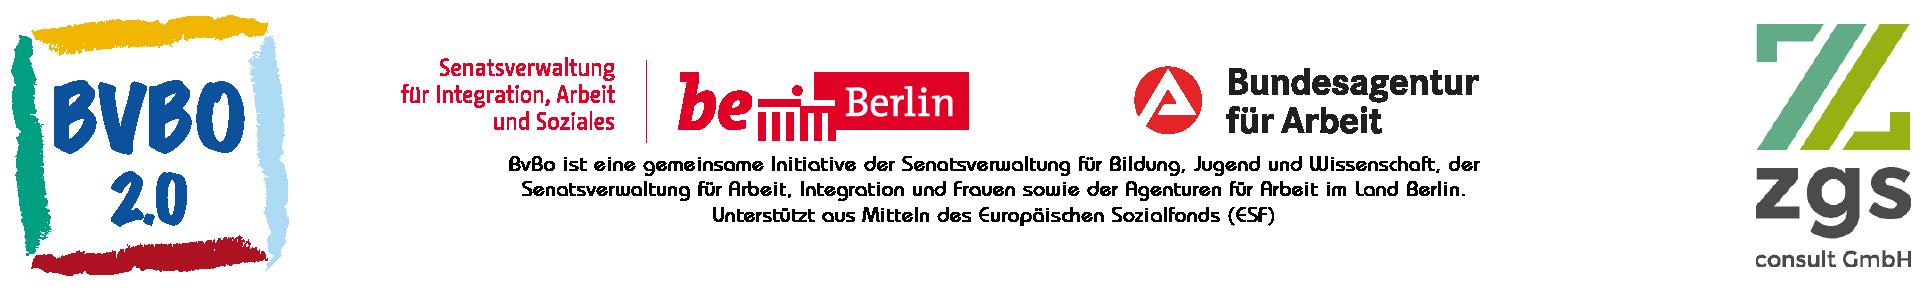 Die Finanzierung des Programmes BVBO 2.0 kommt aus Mitteln des Landes Berlin und der Arbeitsagenturen des Landes Berlin.